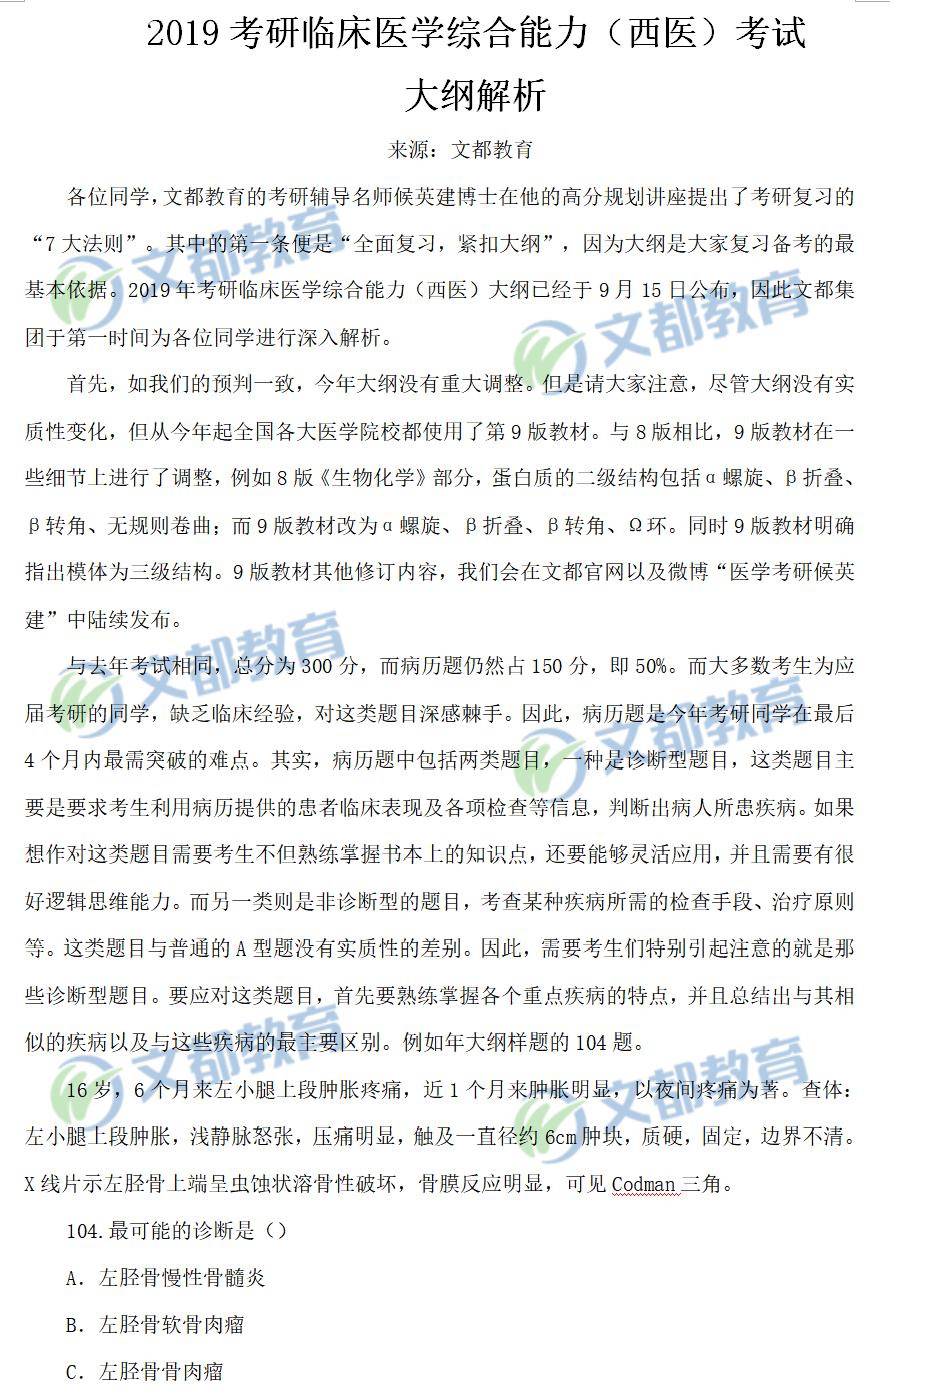 2019考研临床医学综合能力(西医)考试大纲解析(候英建)